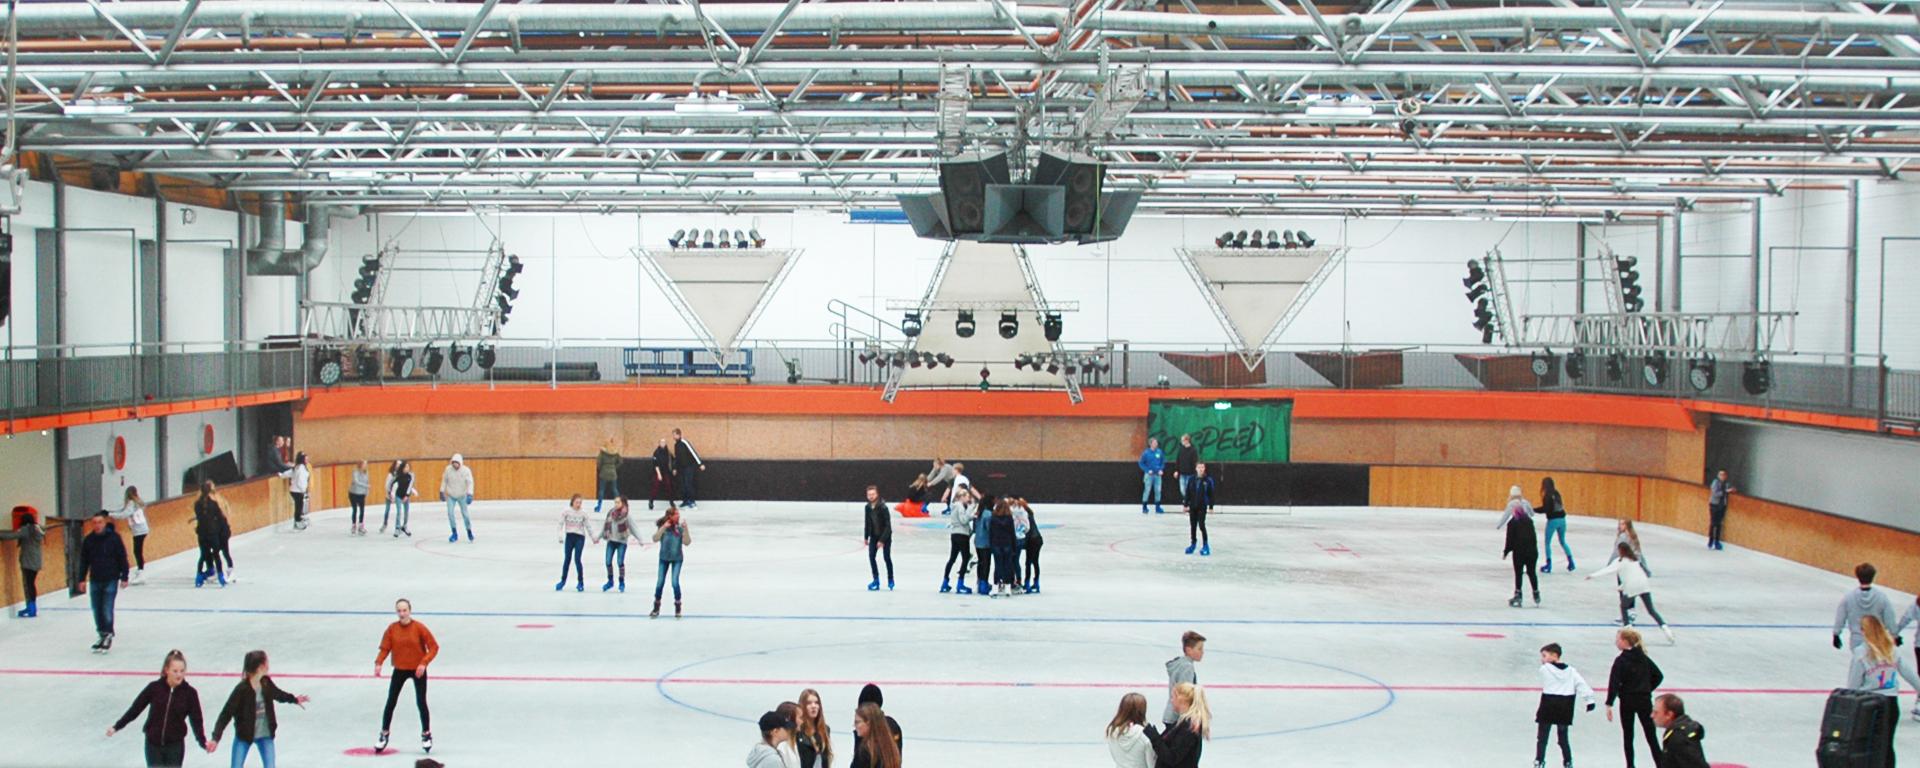 Eisdisco Schlittschuhlaufen Eishalle Adelberg Schorndorf Stuttgart